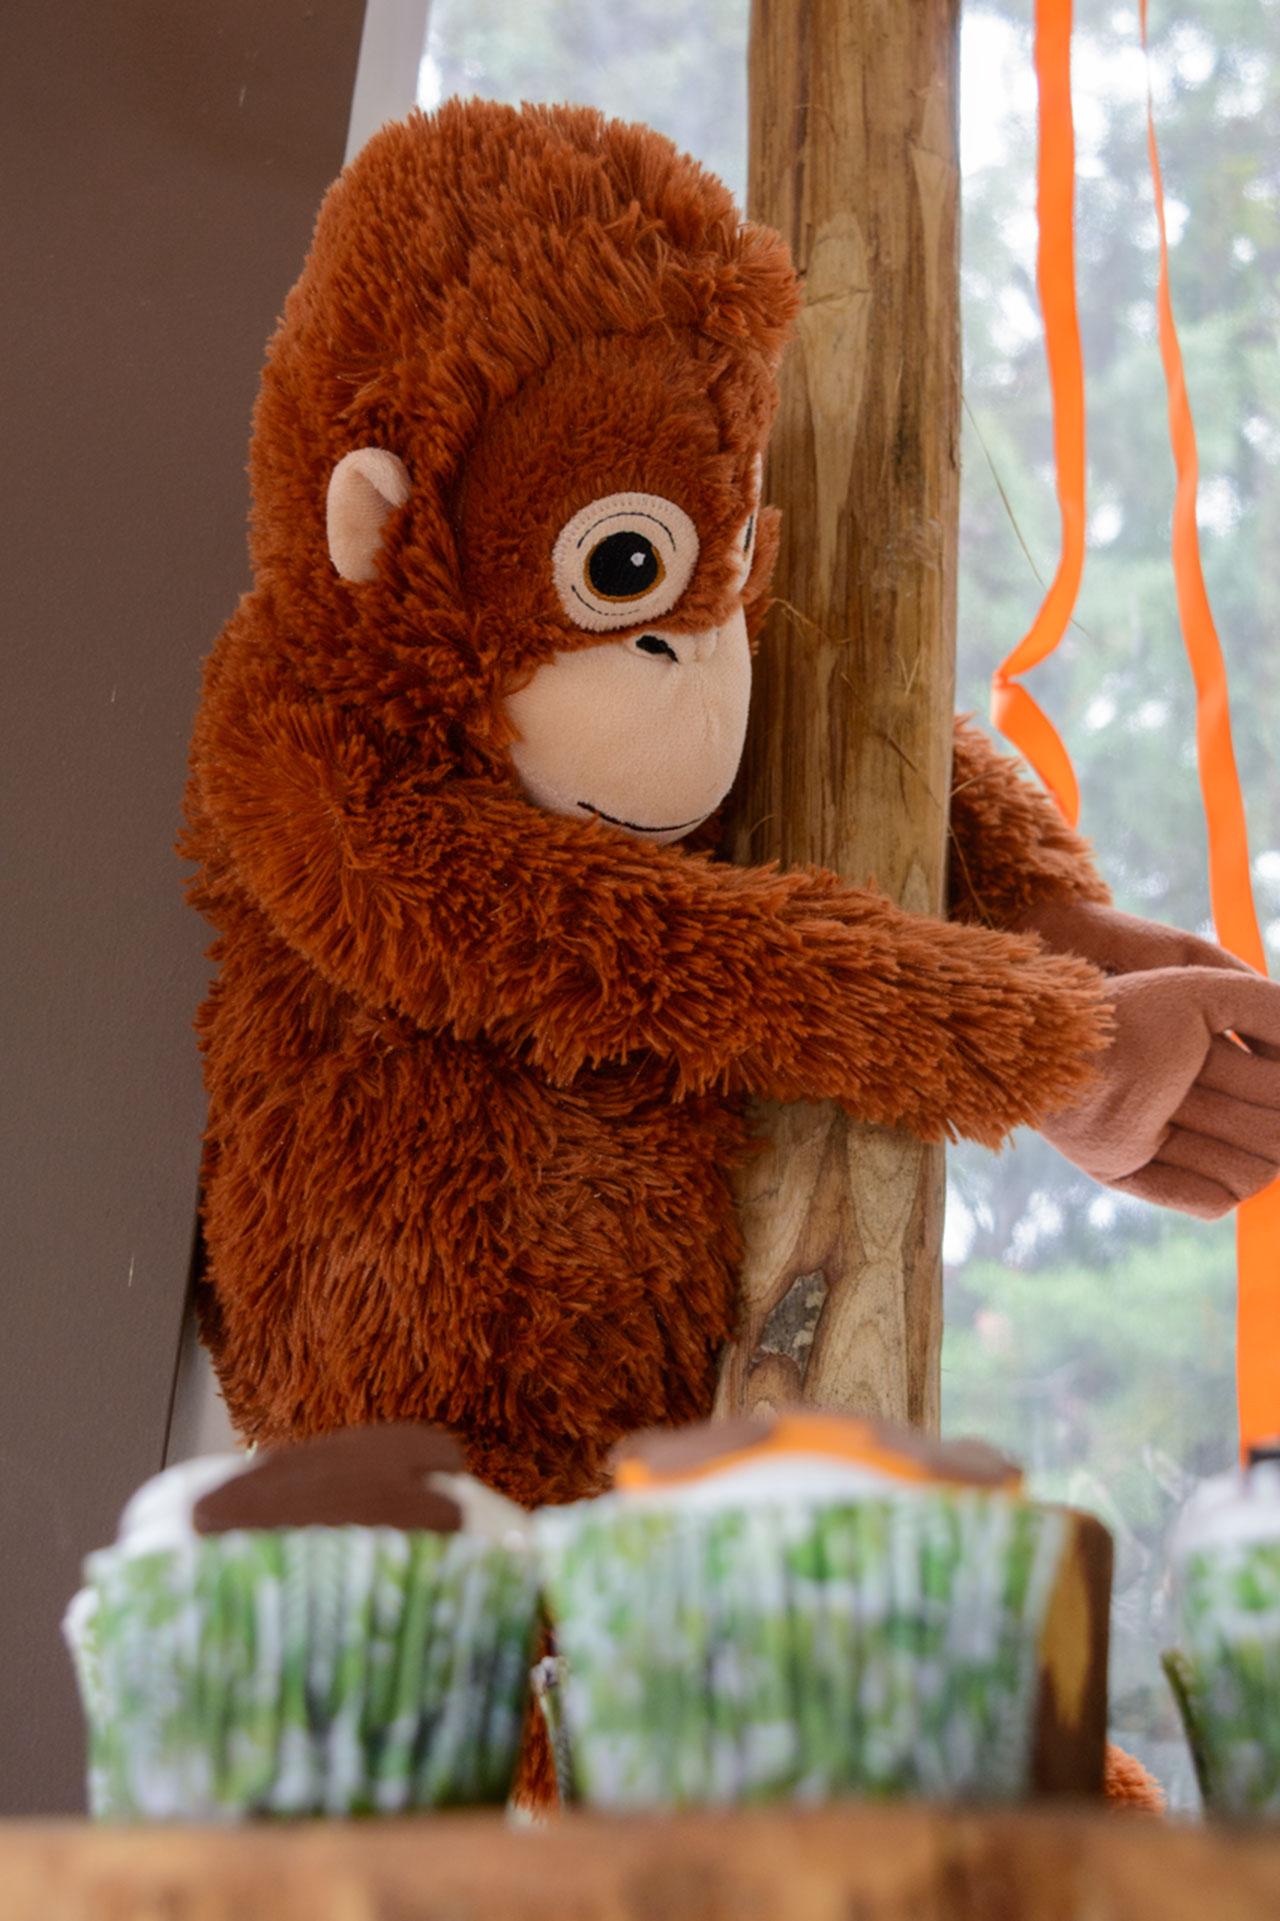 οι αγαπημένες μαϊμουδίτσες του Κωστή